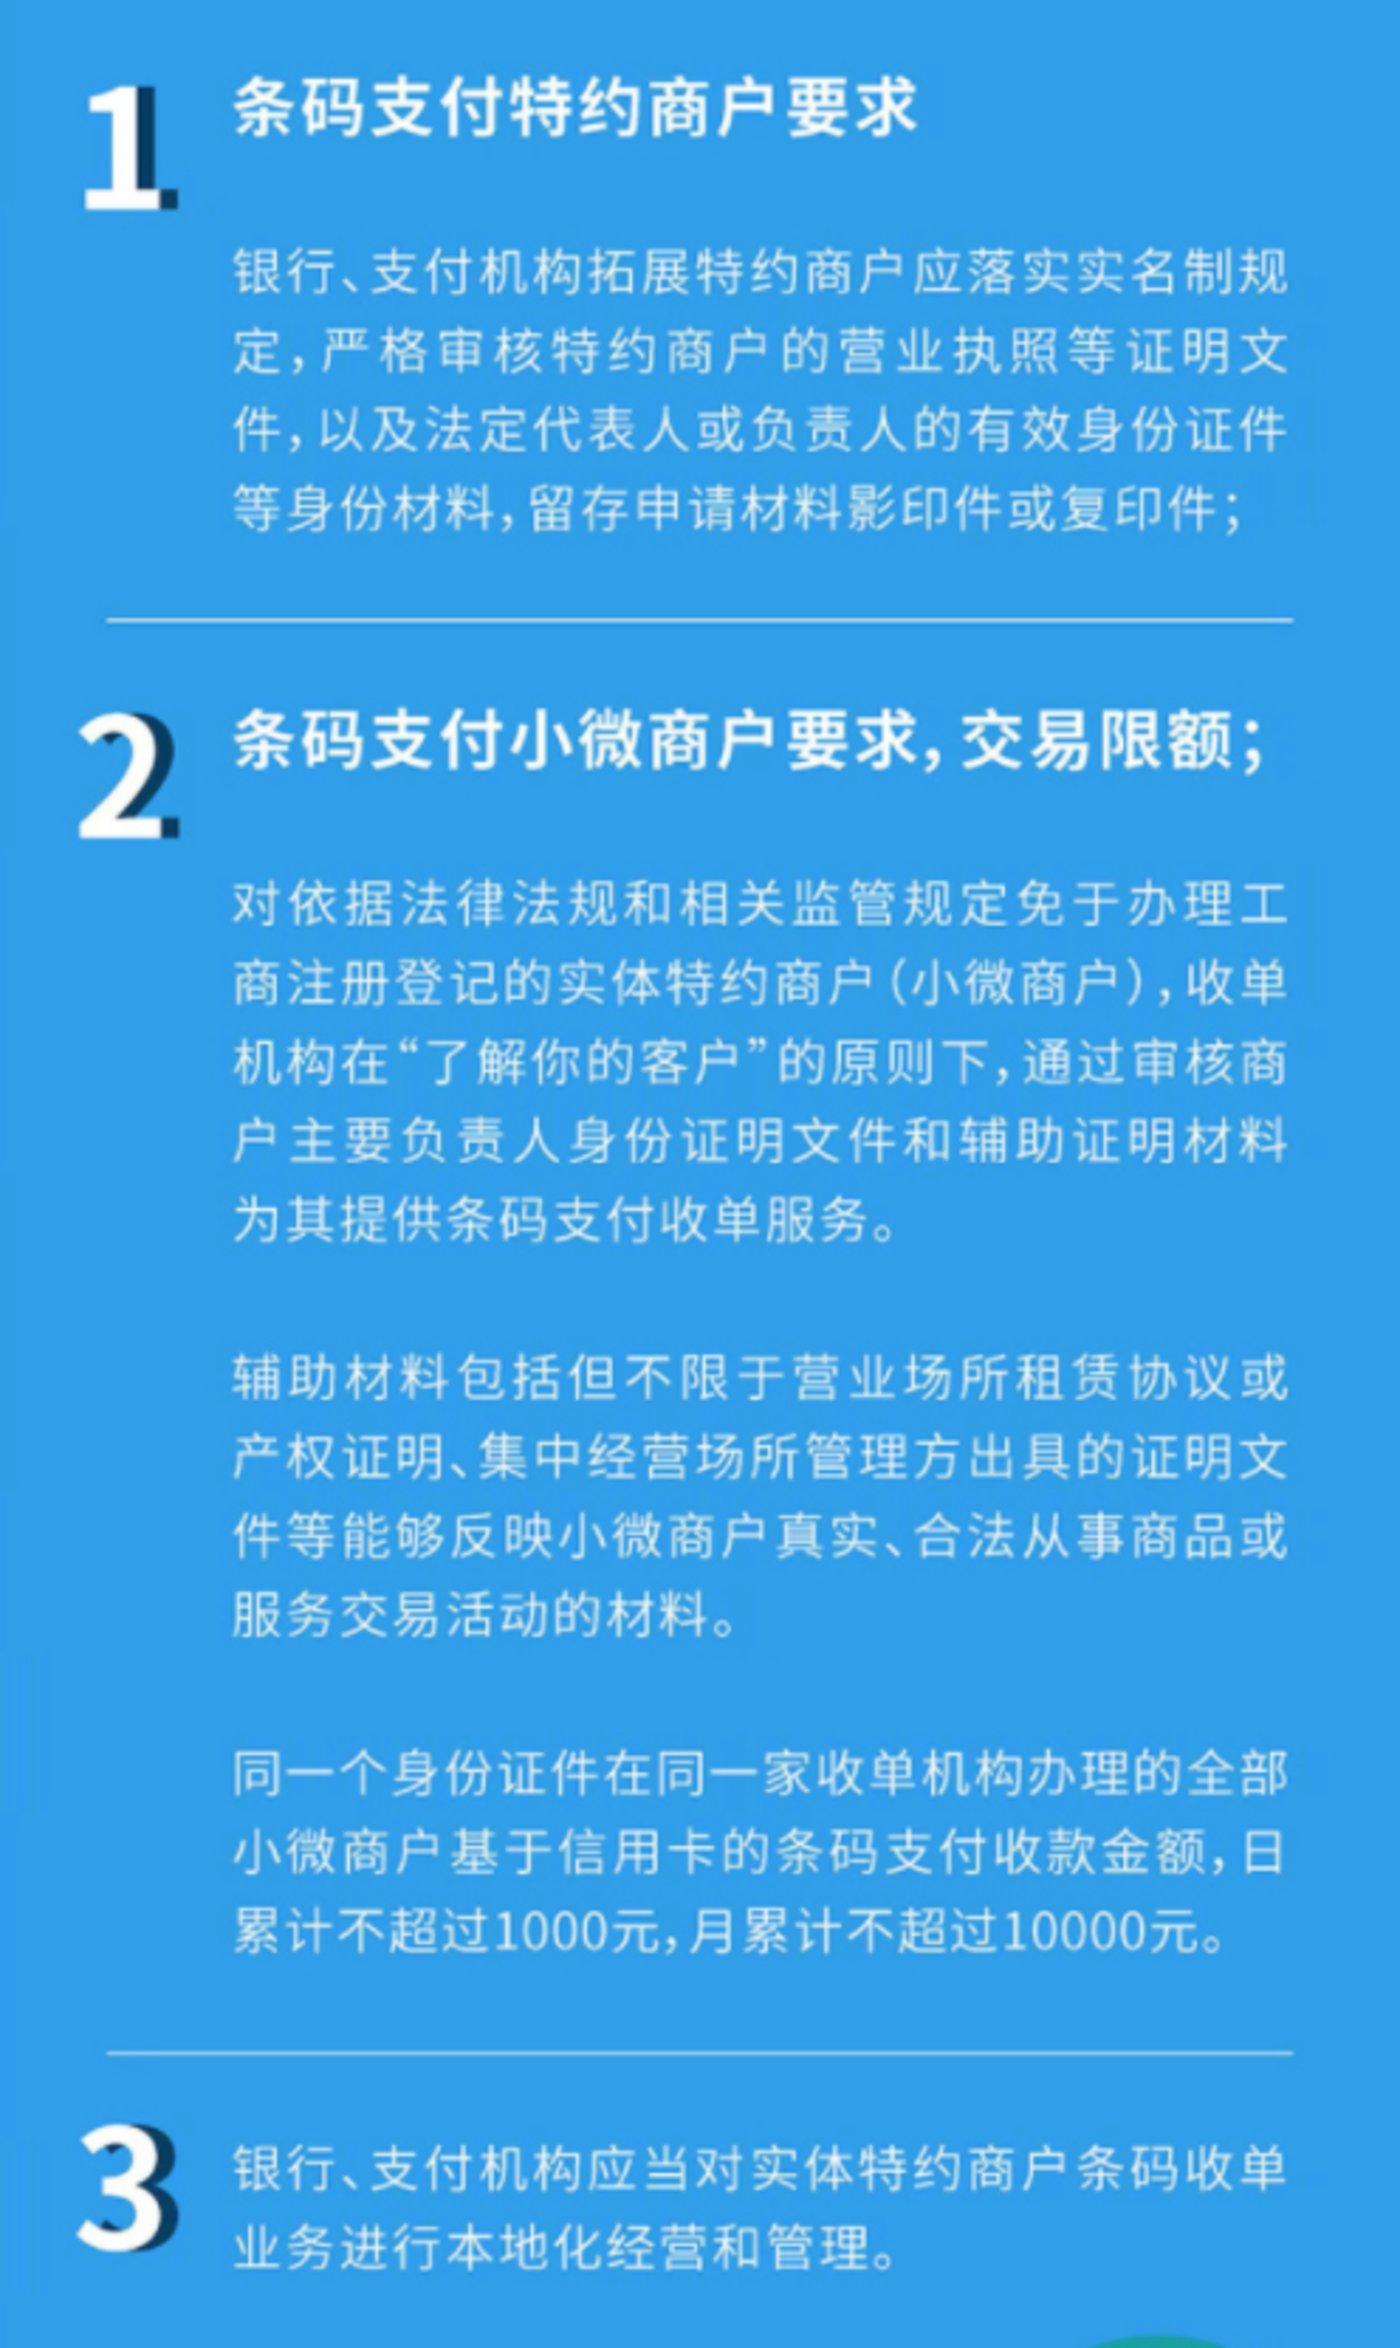 图片来源:央行微播(人民银行官方微博)